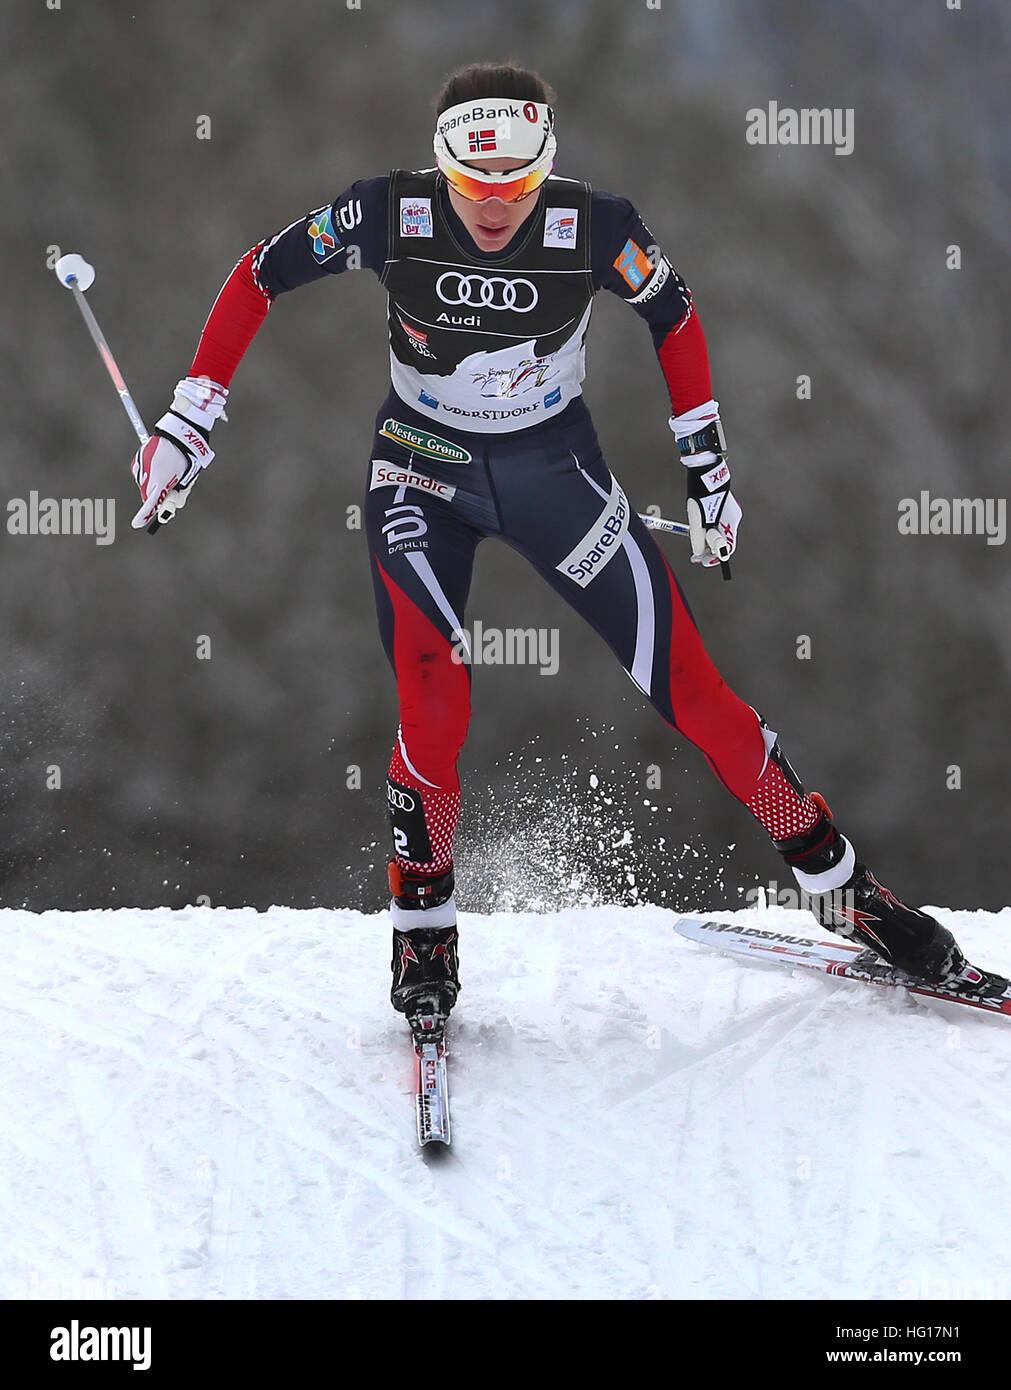 Oberstdorf, Alemania. 04 ene, 2017. Heidi Weng de Noruega esquís en la carrera de persecución de mujeres durante la FIS Tour de Ski en Oberstdorf, Alemania, 04 de enero de 2017. El Tour de Ski está teniendo lugar el 03 y 04 de enero de 2017 en Oberstdorf. Foto: Karl-Josef Hildenbrand/dpa/Alamy Live News Foto de stock